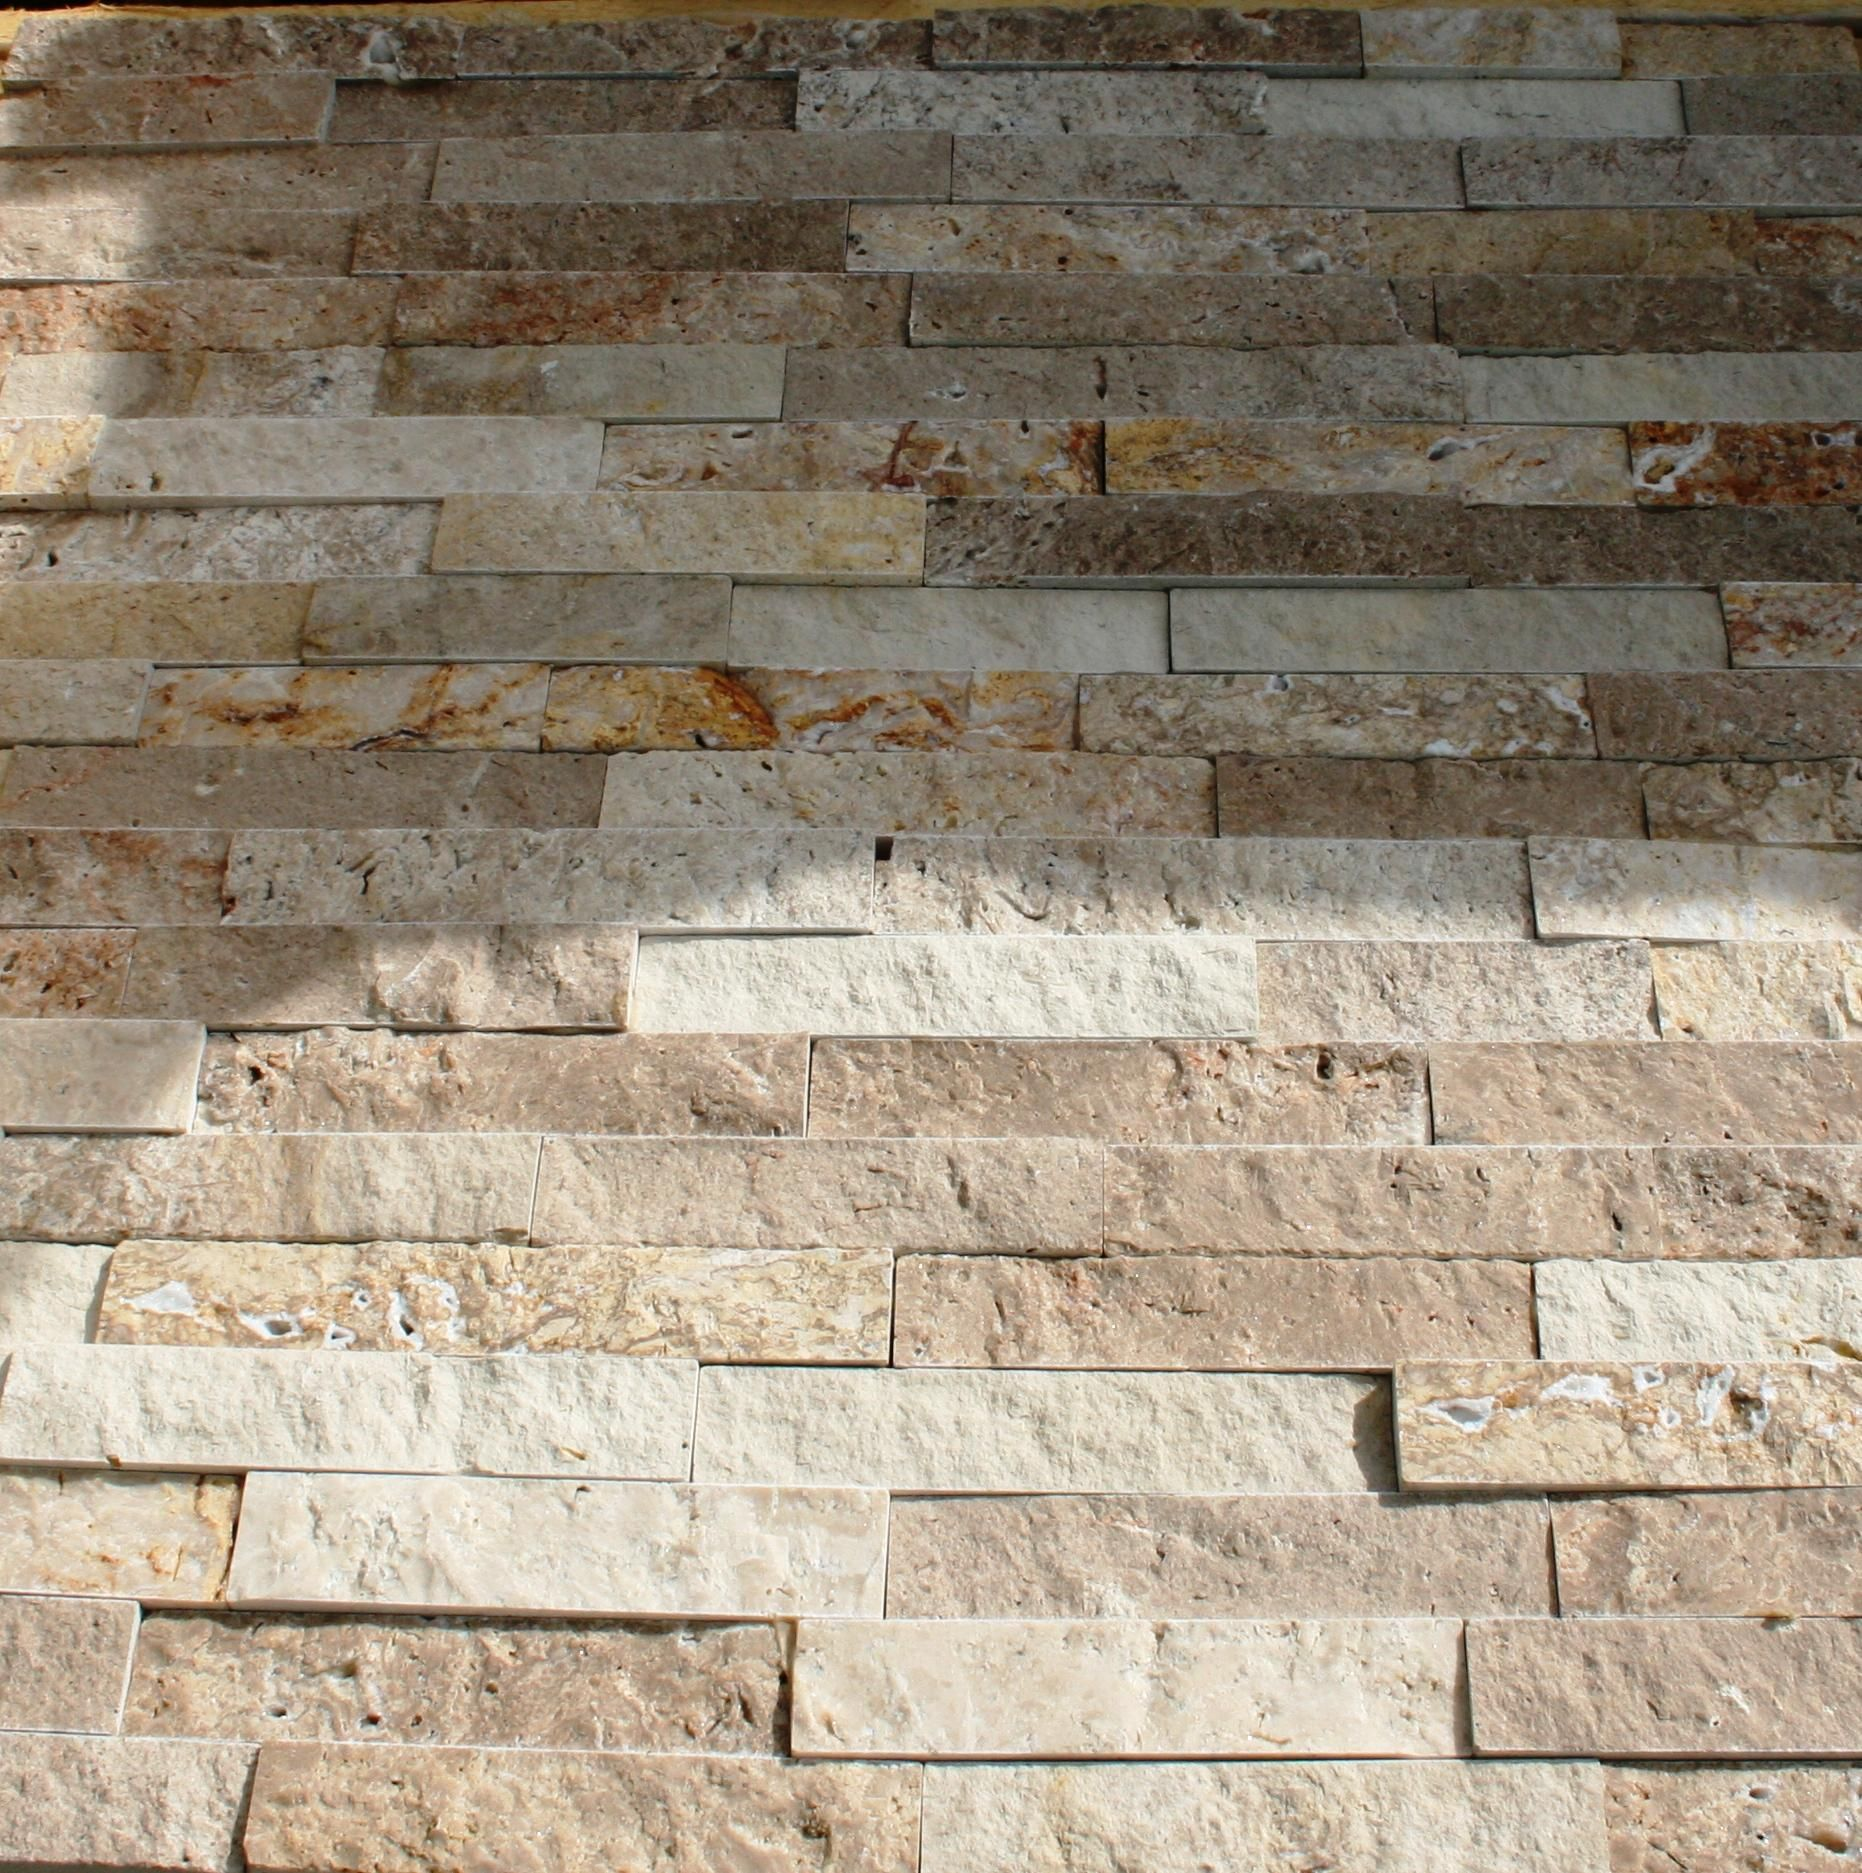 alabama stone brick south interior company wall natural